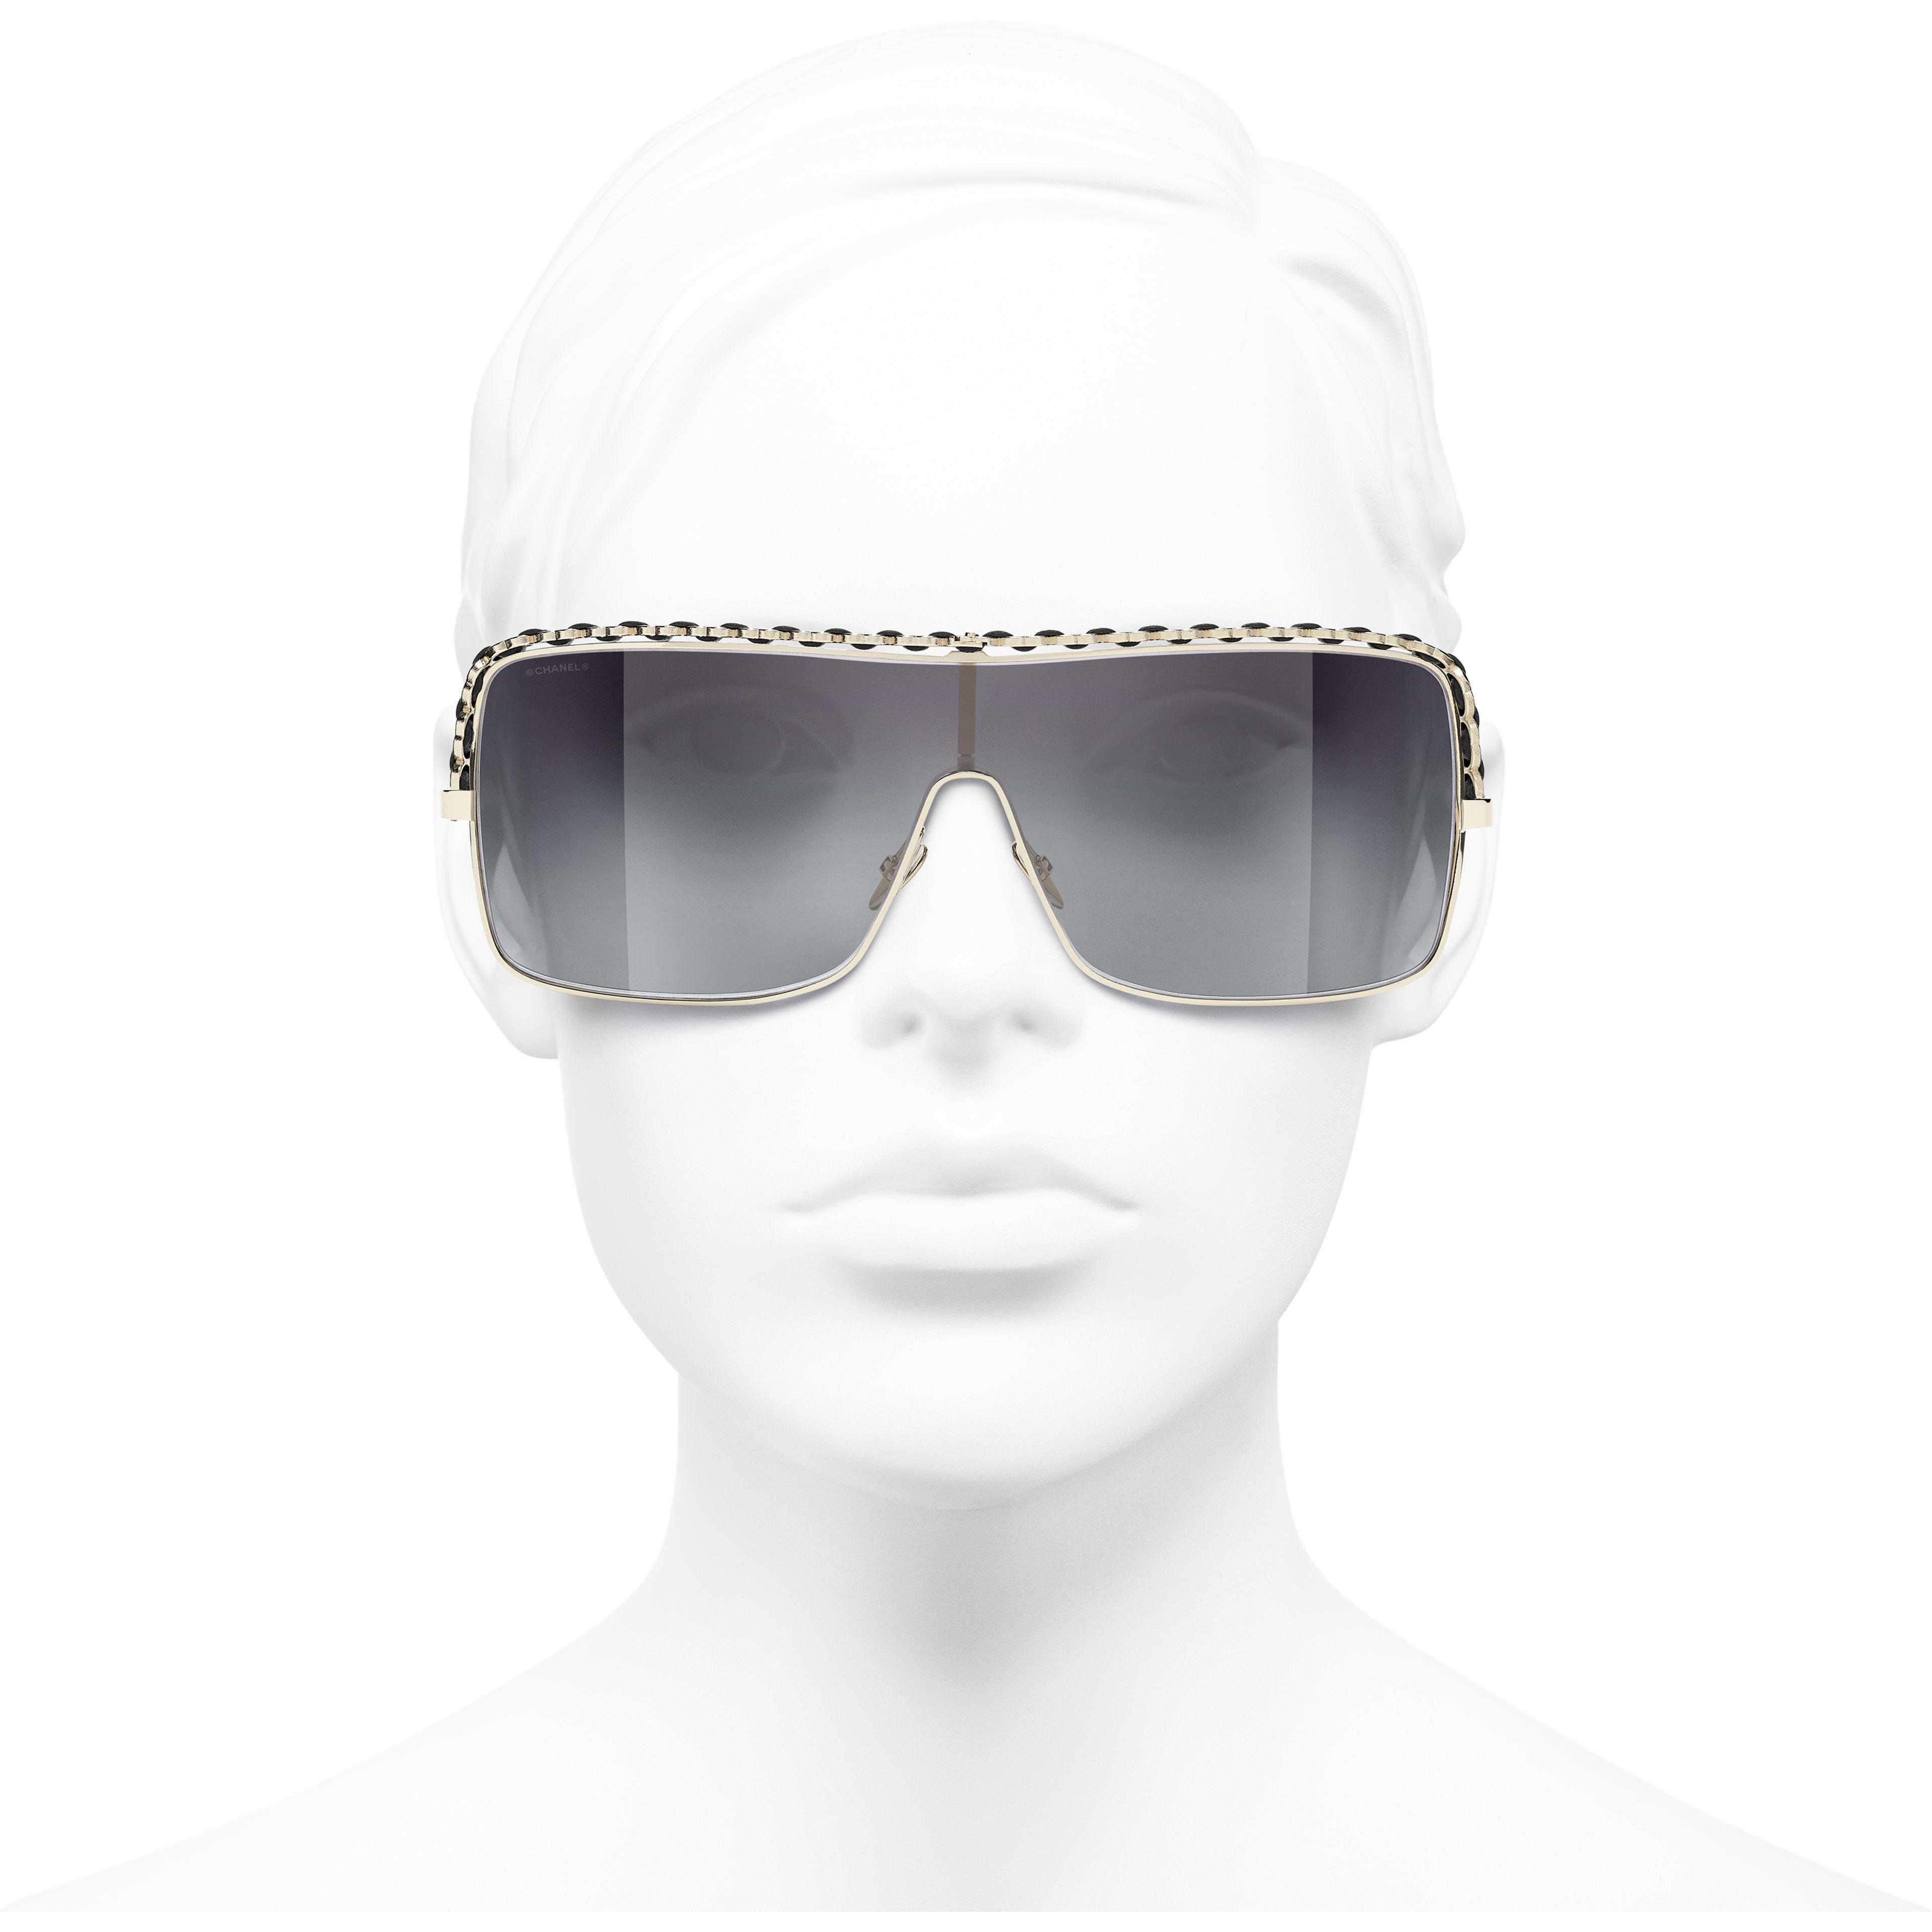 Umschließende Sonnenbrille - Goldfarben - Metall & Kalbsleder - CHANEL - Vorderansicht - Standardgröße anzeigen